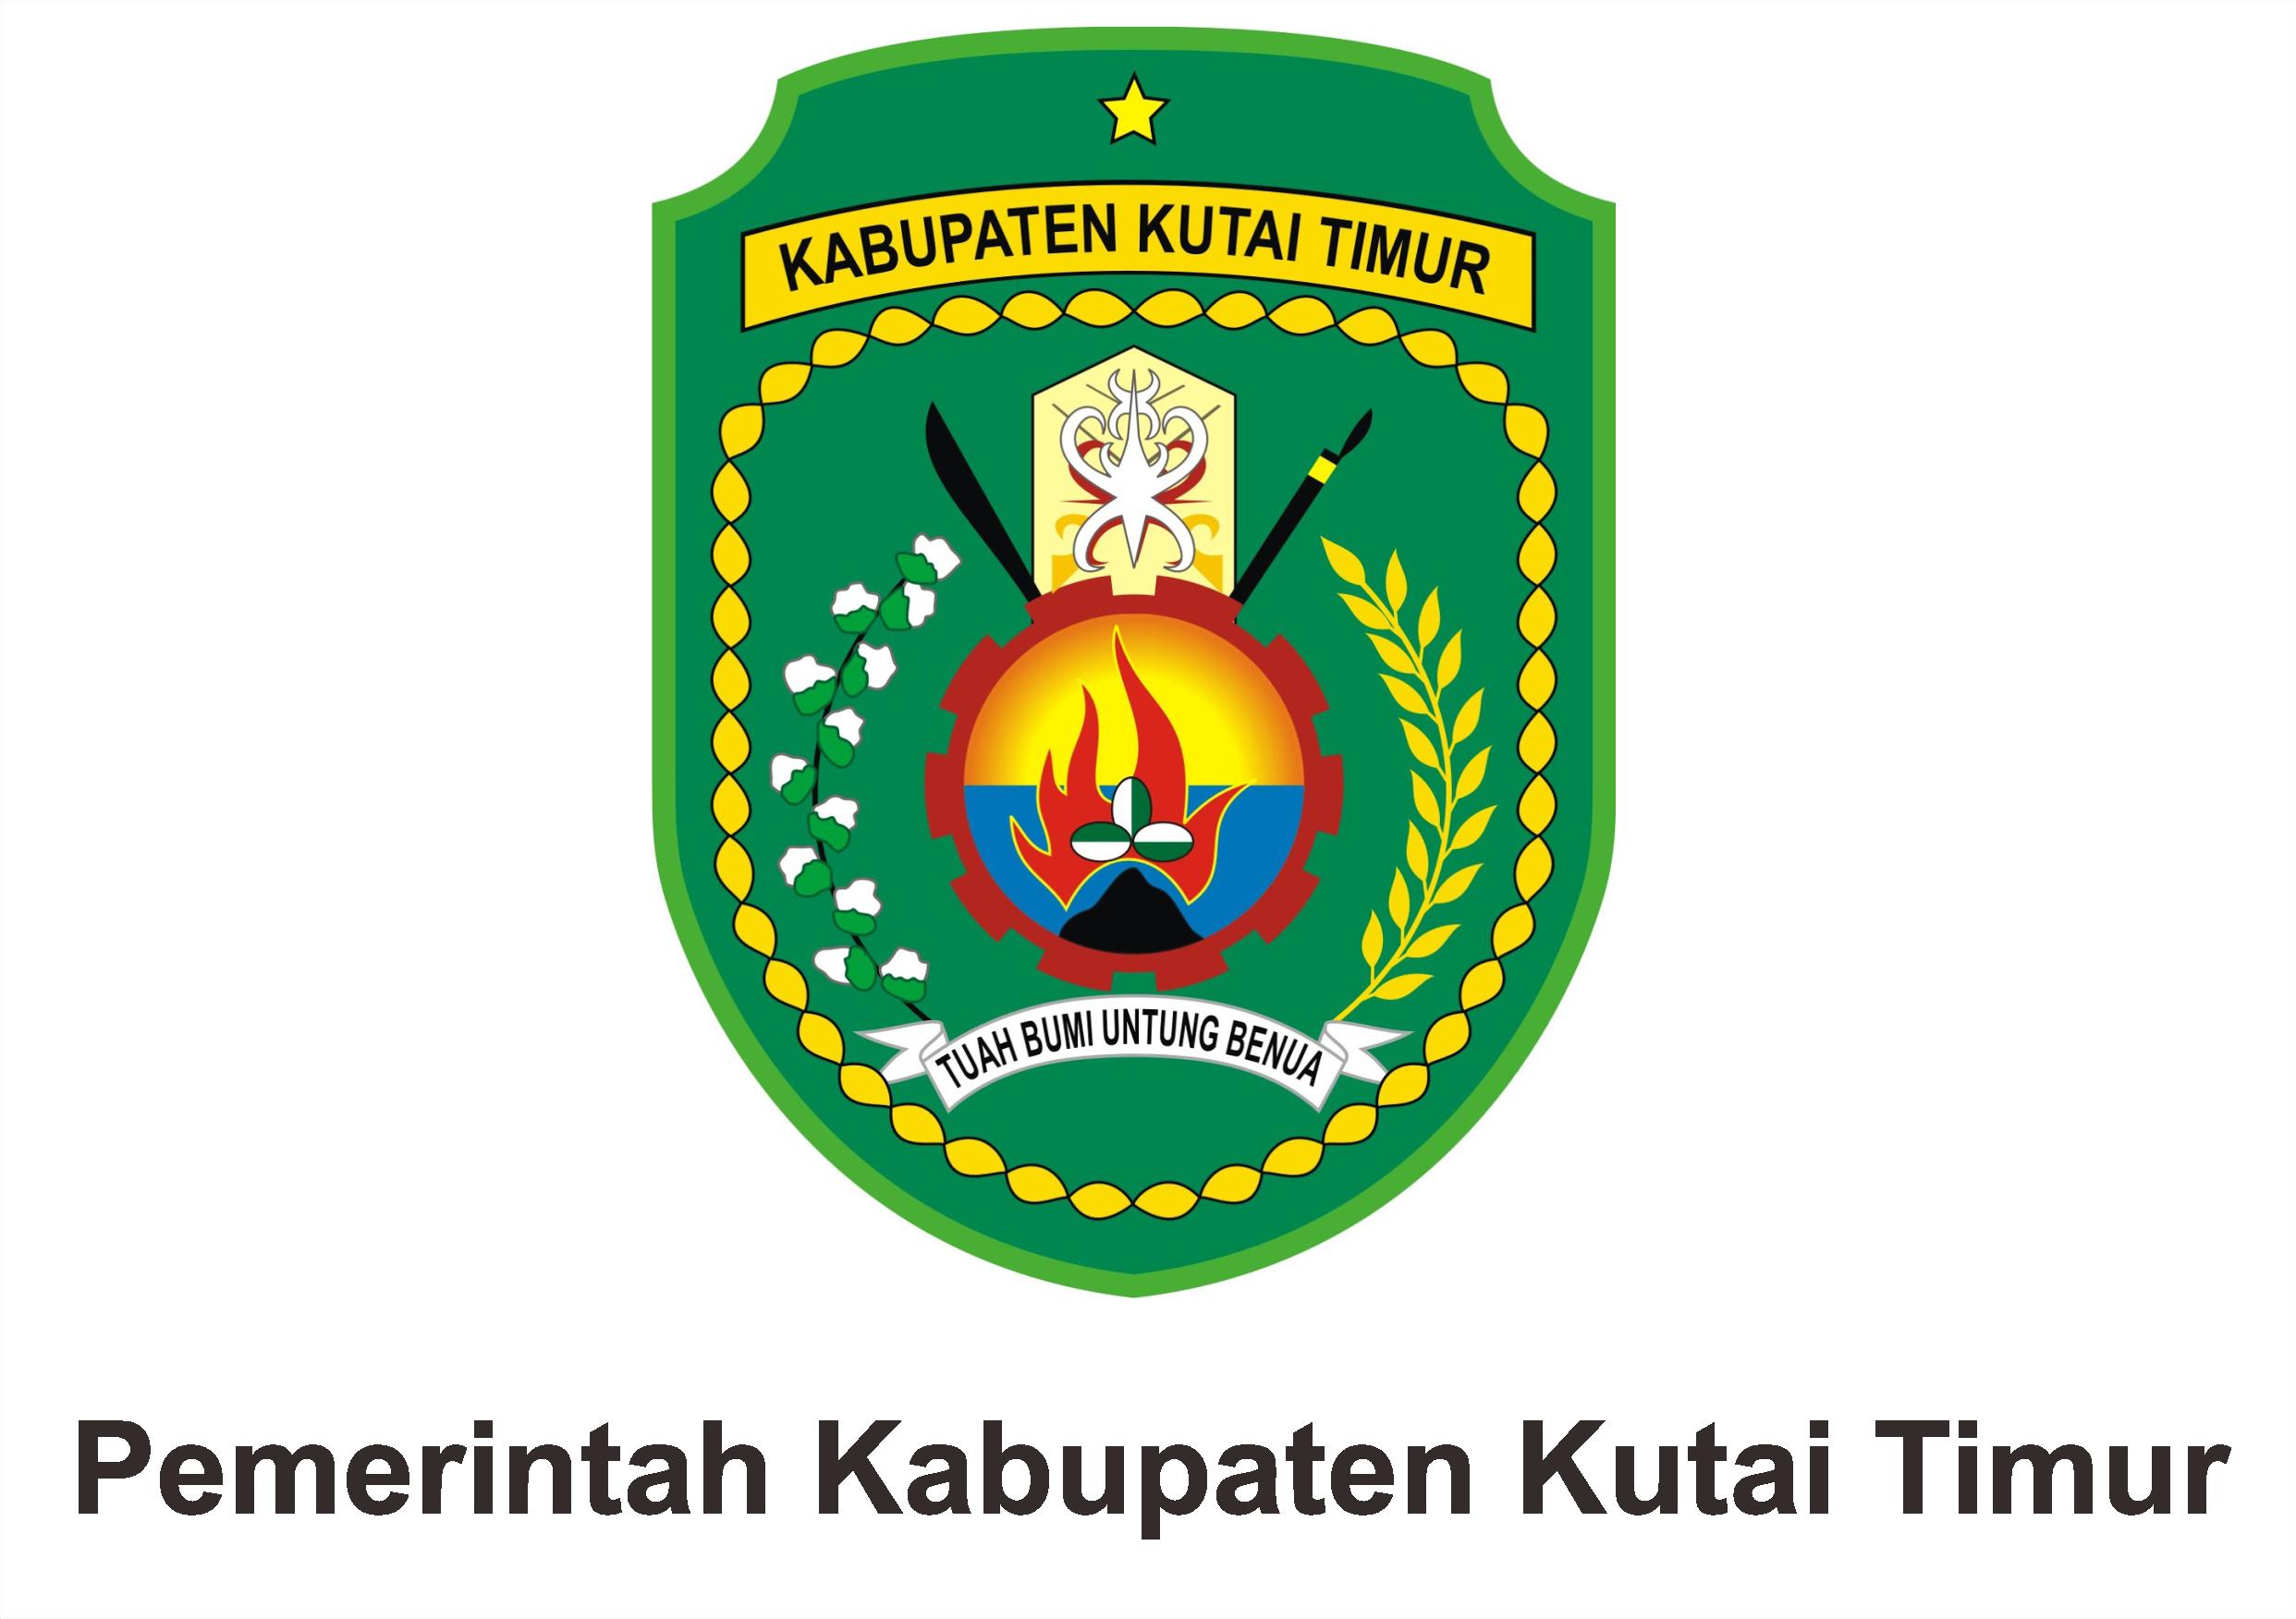 Pemerintah Kabupaten Kutai Timur